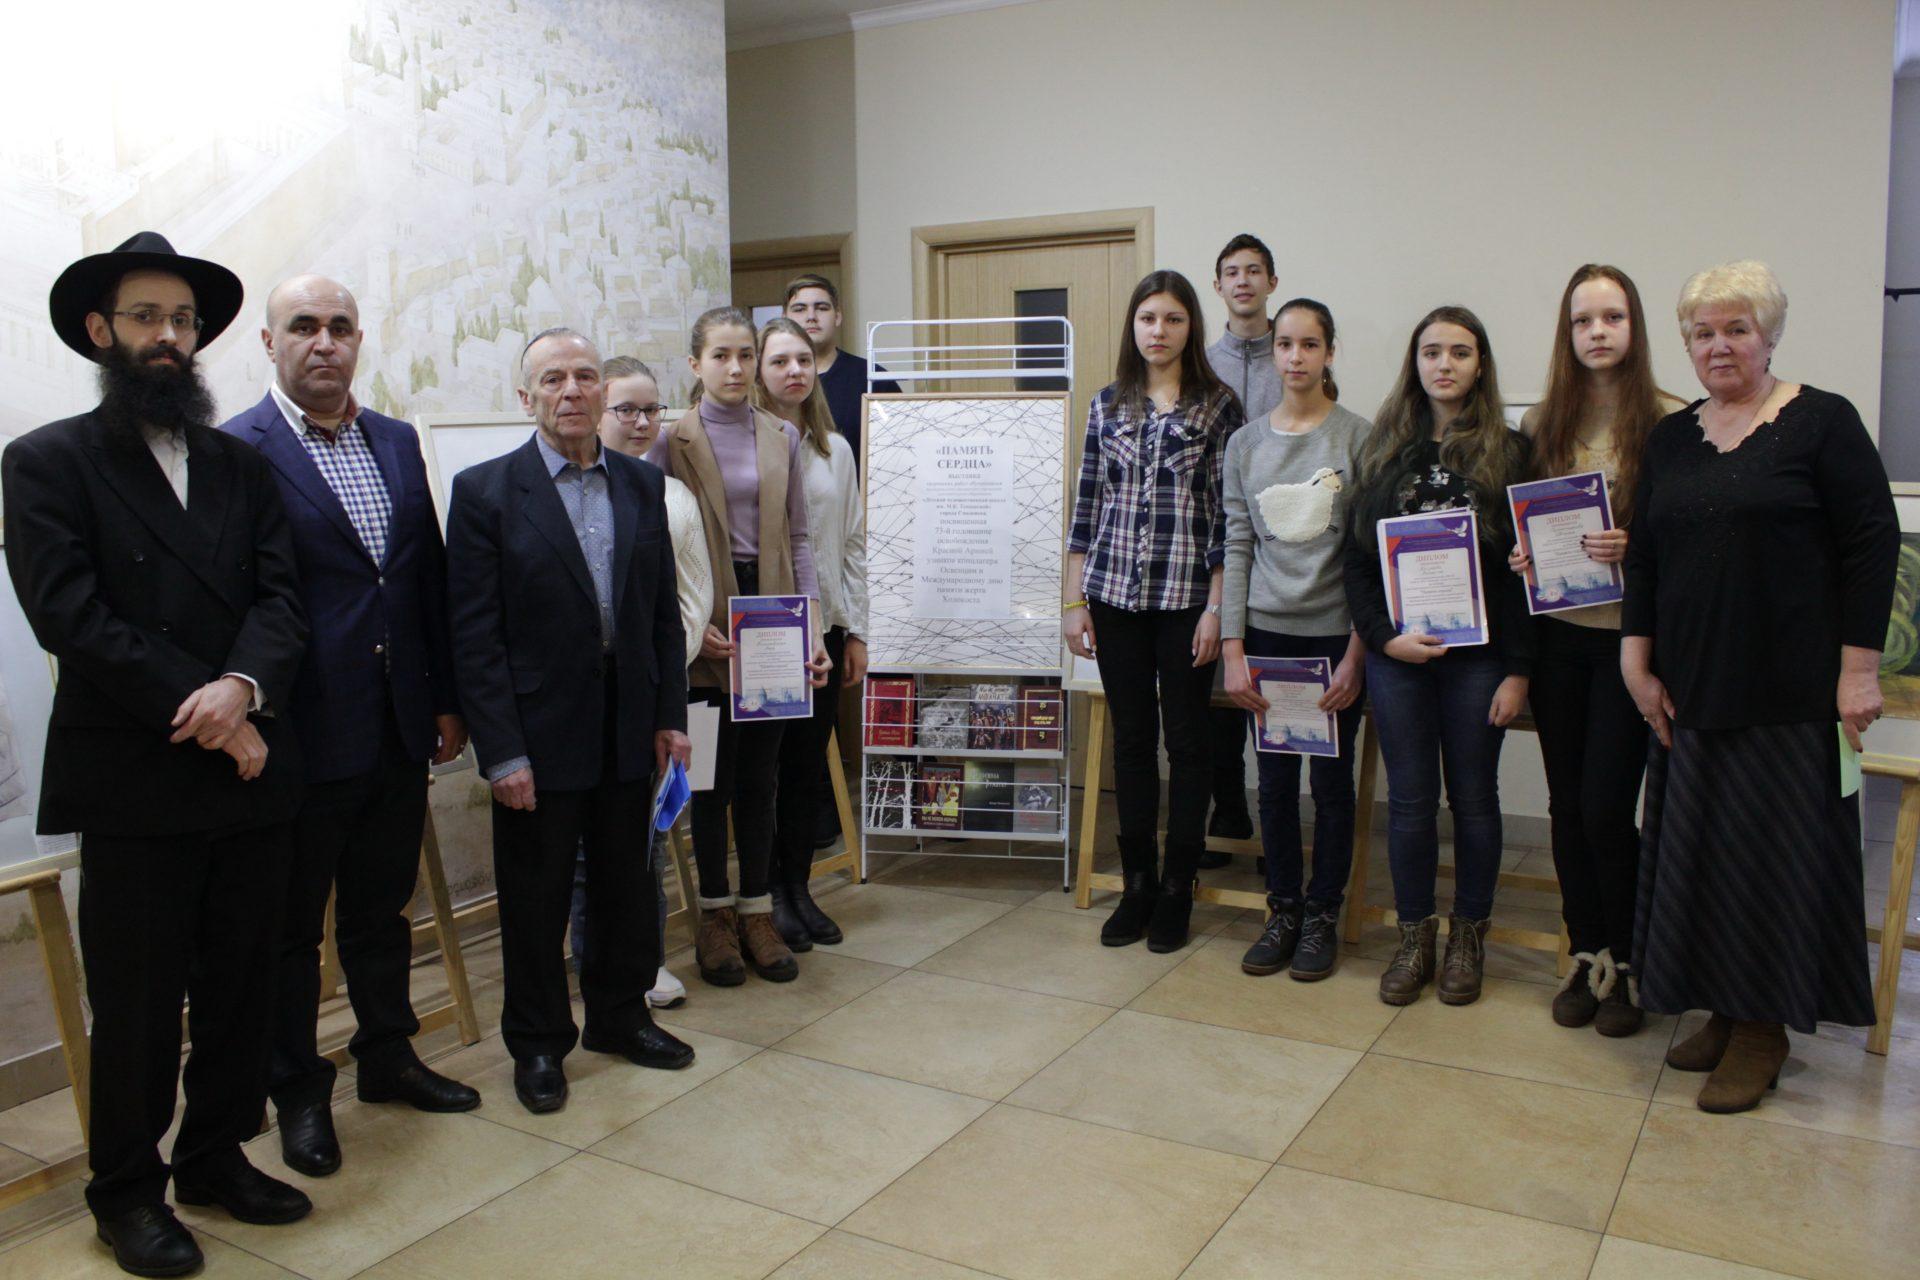 Выставка творческих работ «Память сердца» в Смоленске